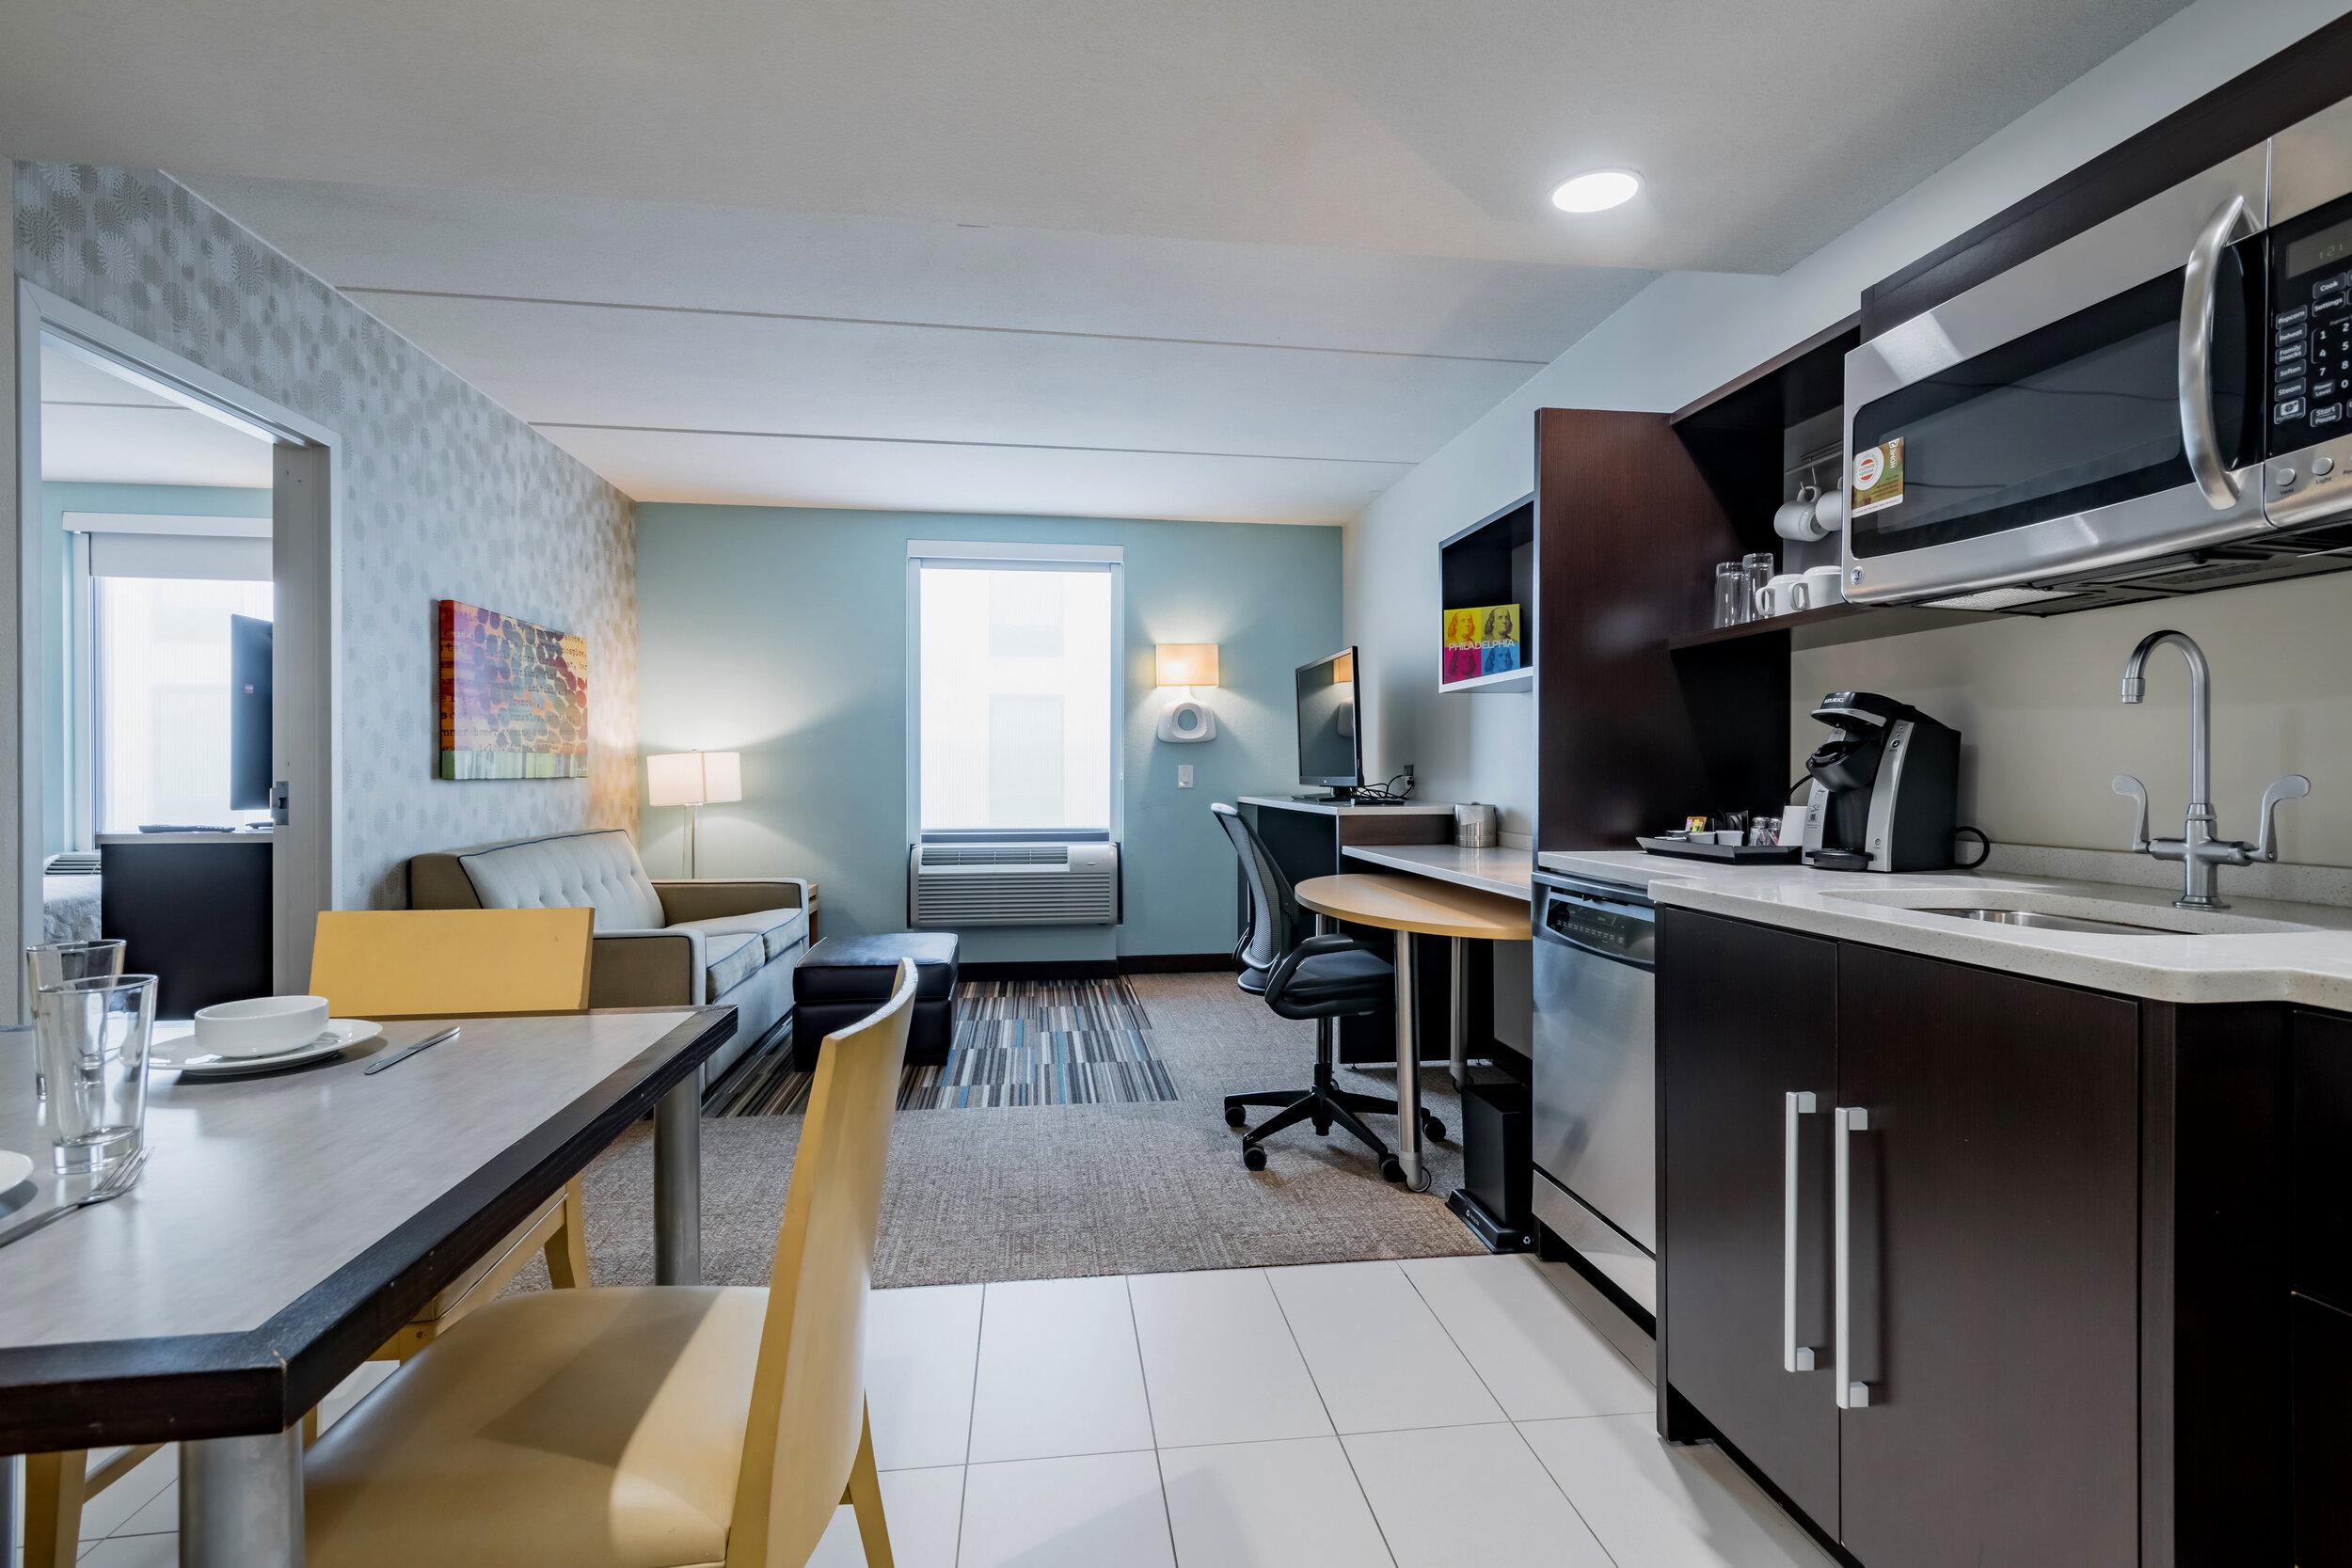 HWE-Home2-Philly-028-1BedroomSuite-CPP copy.jpg